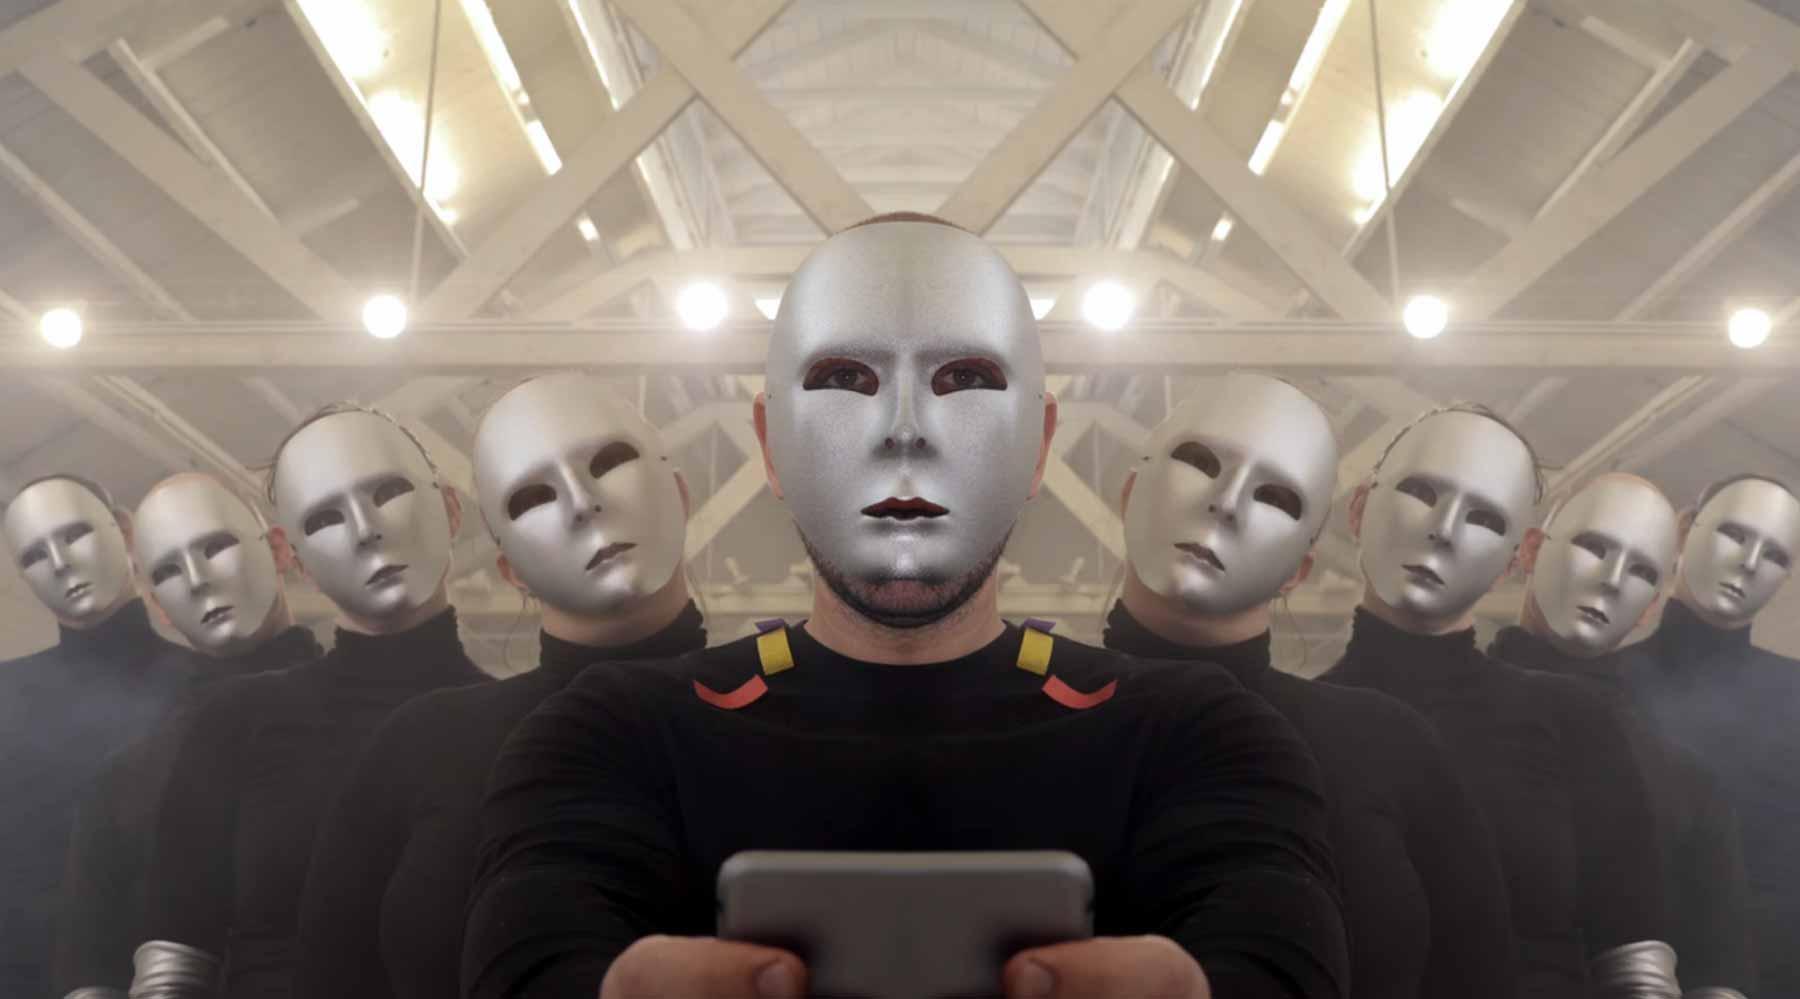 Das symmetrische Zusammenleben mit Robotern